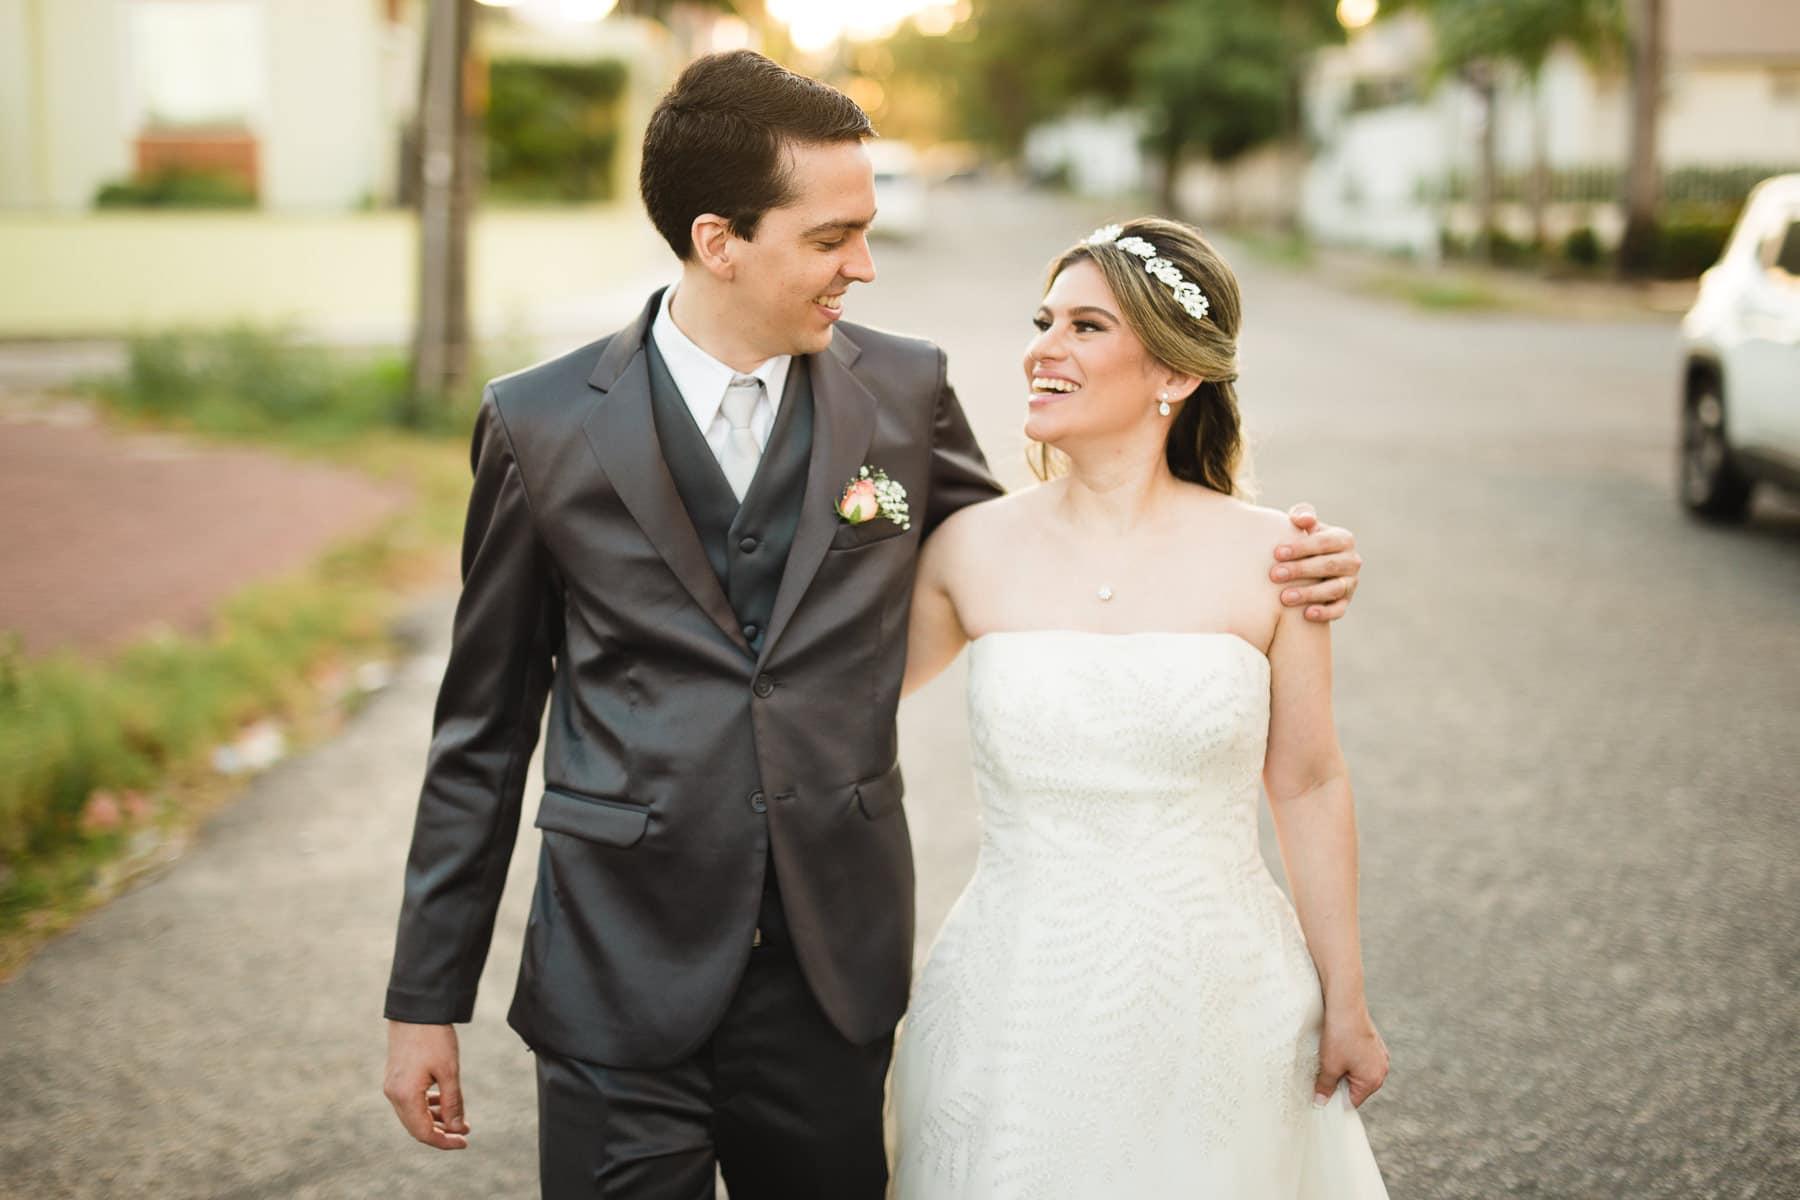 ensaio dos noivos na rua